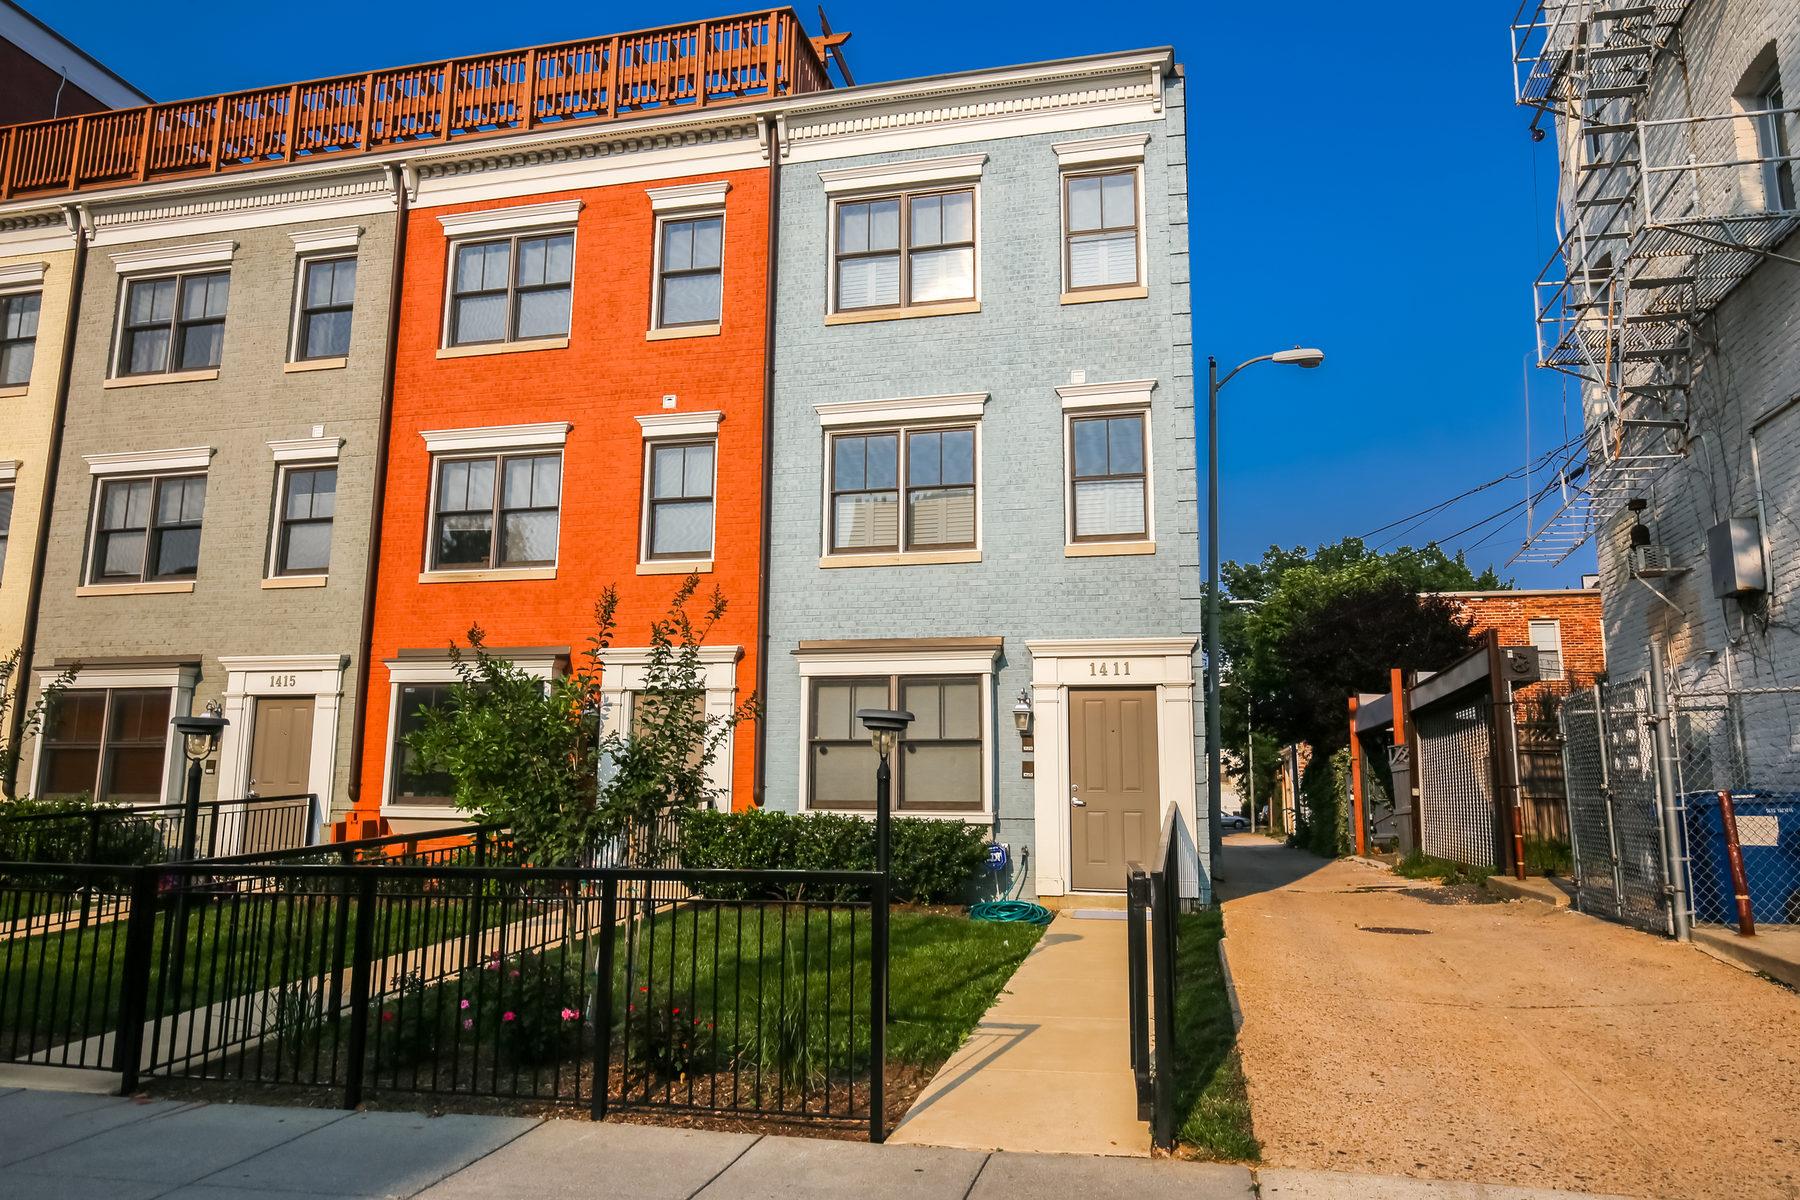 Eigentumswohnung für Verkauf beim 1411 11th Street Nw A, Washington Washington, District Of Columbia 20001 Vereinigte Staaten